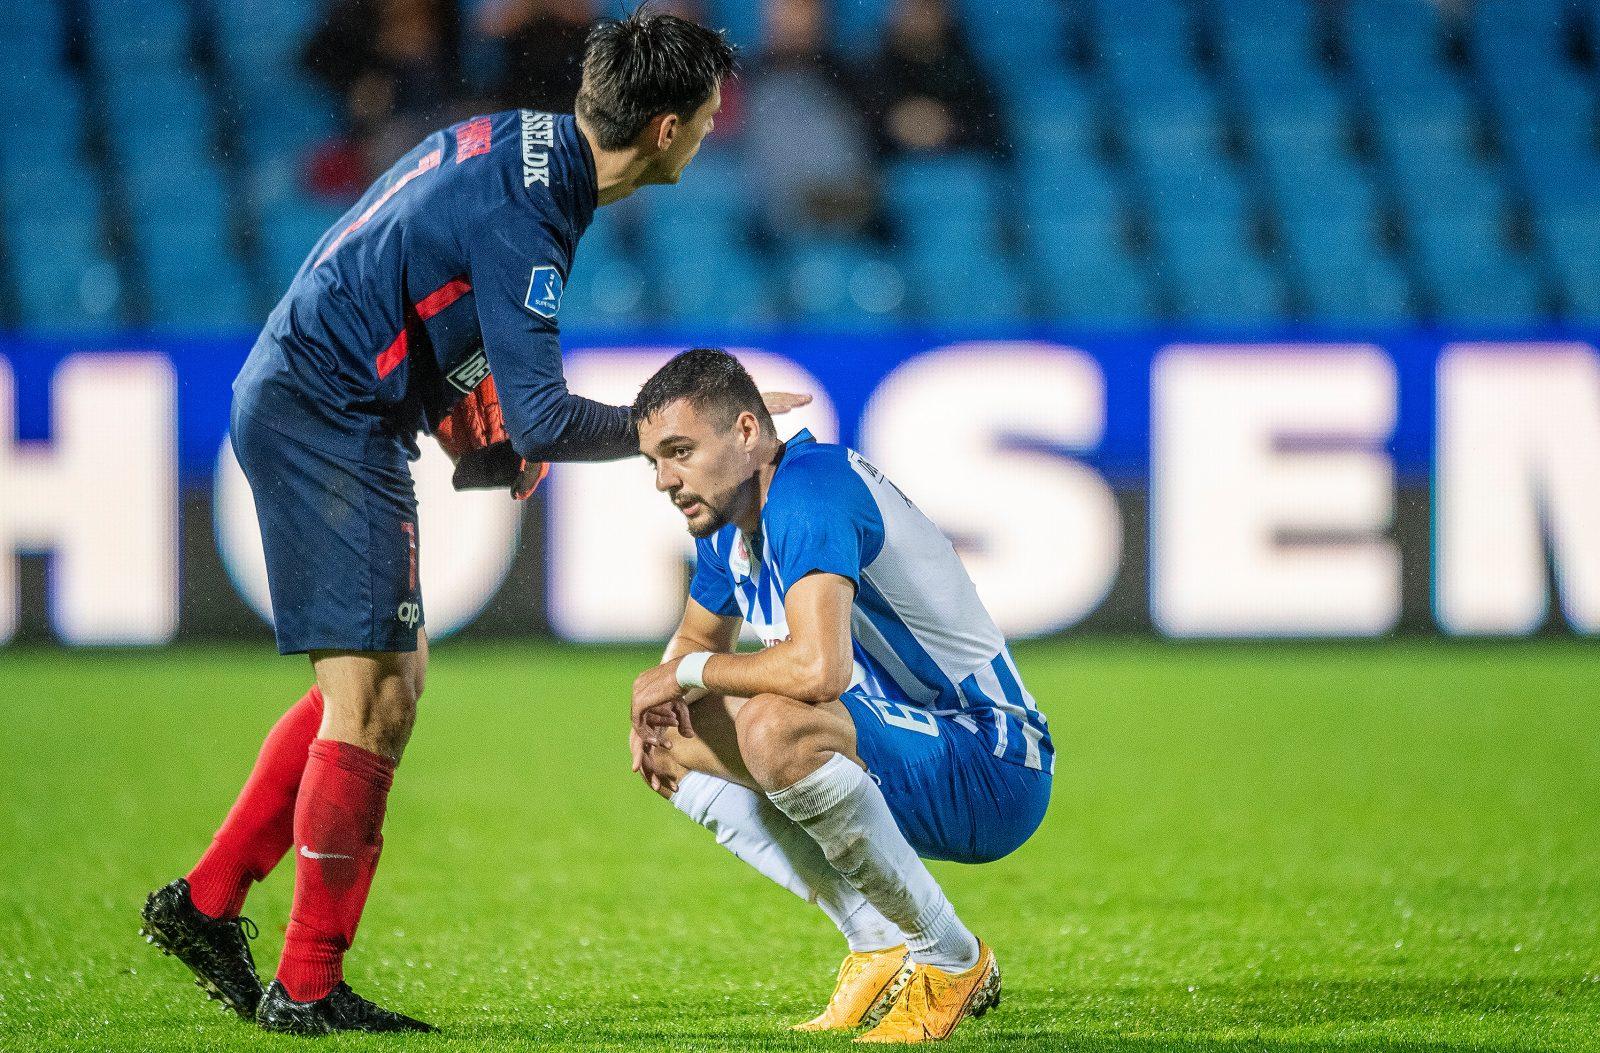 Esbjerg fB-FC Midtjylland-15